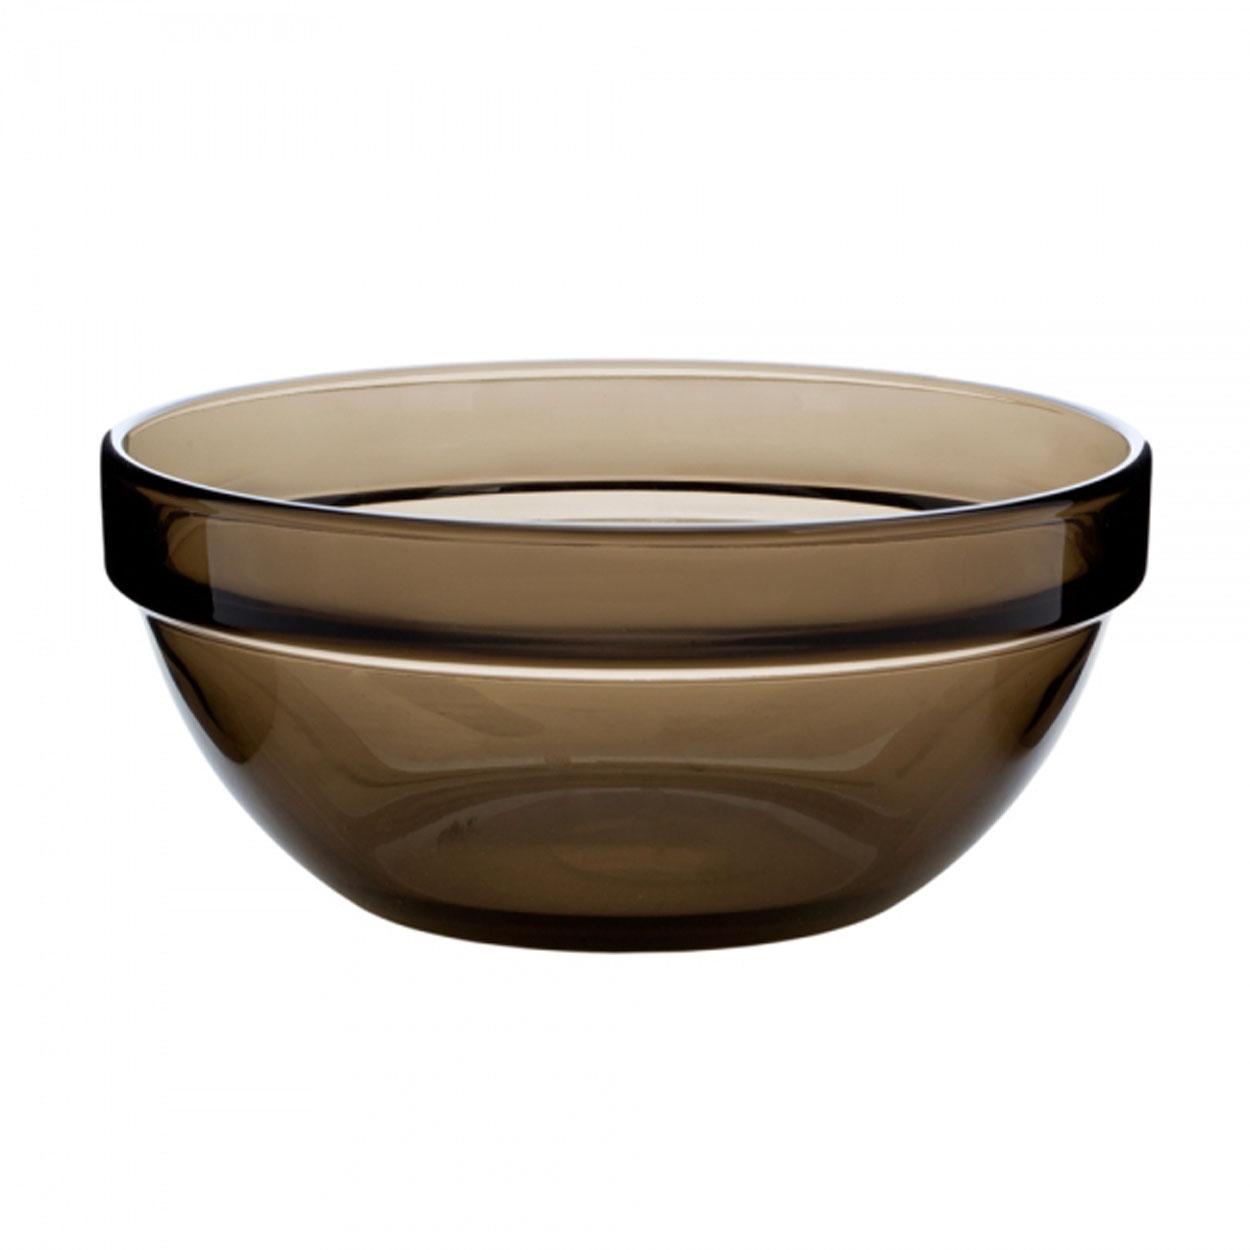 Салатник Luminarc, цвет: коричневый, диаметр 17 смH9992Салатник Luminarc, диаметром 17 см, подойдет любителям простых и удобных вещей. Он предназначен для подачи и хранения салатов, холодных закусок и десертов. Прозрачный салатник классической формы из ударопрочного стекла впишется в интерьер любой кухни или столовой. Можно мыть в посудомоечной машине.